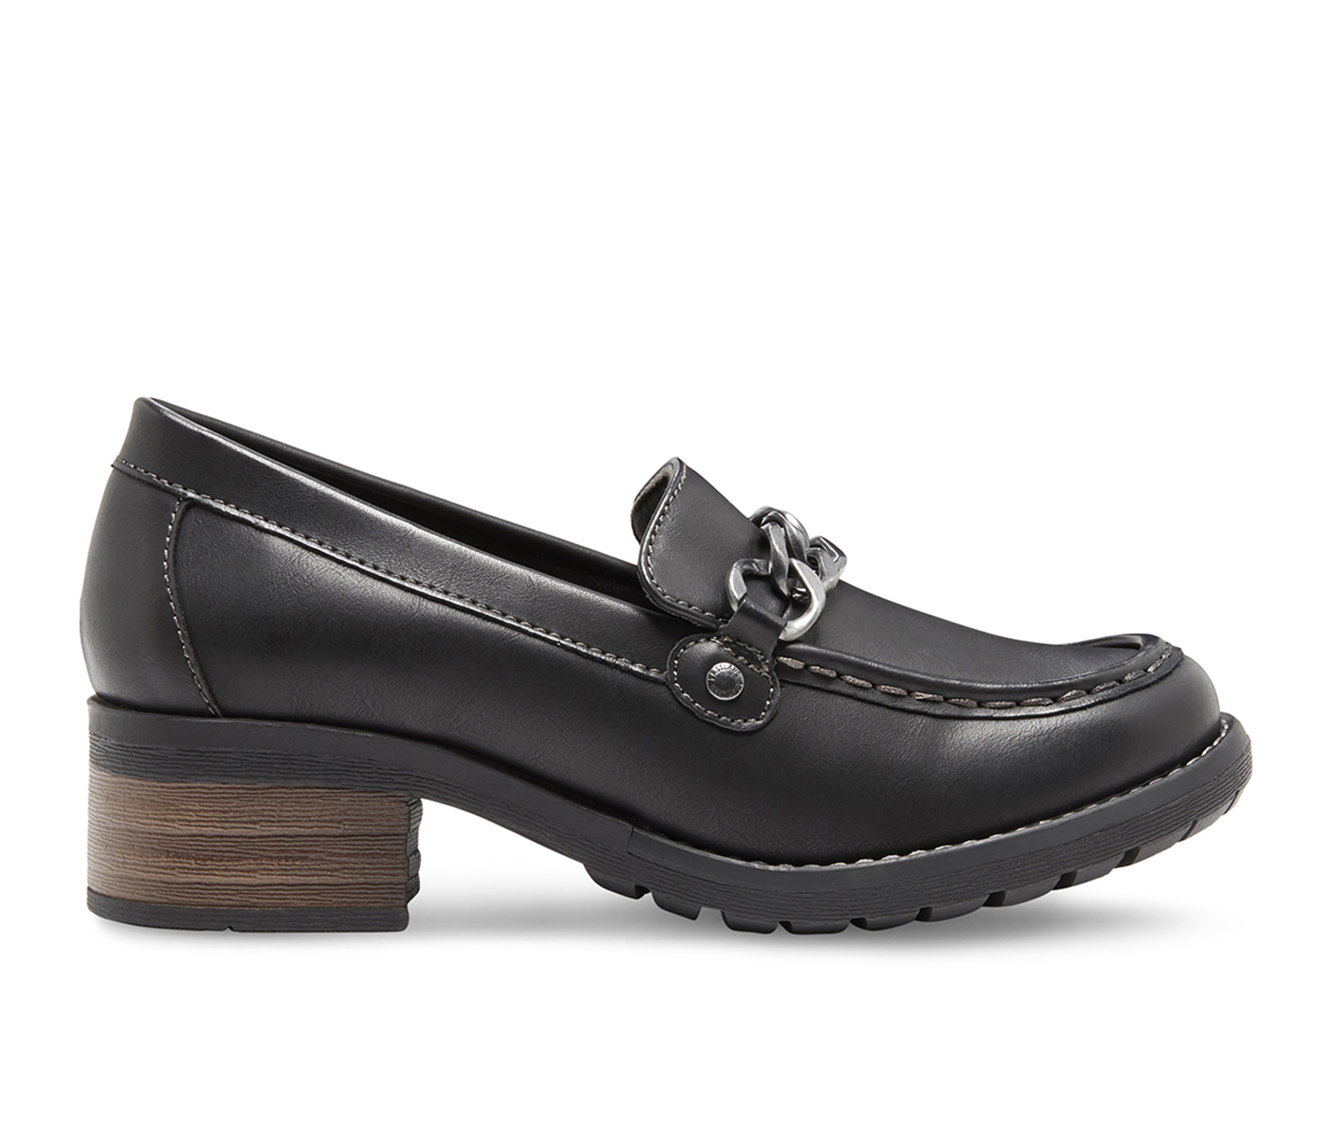 Eastland Nora Women's Shoe (Black Faux Leather)